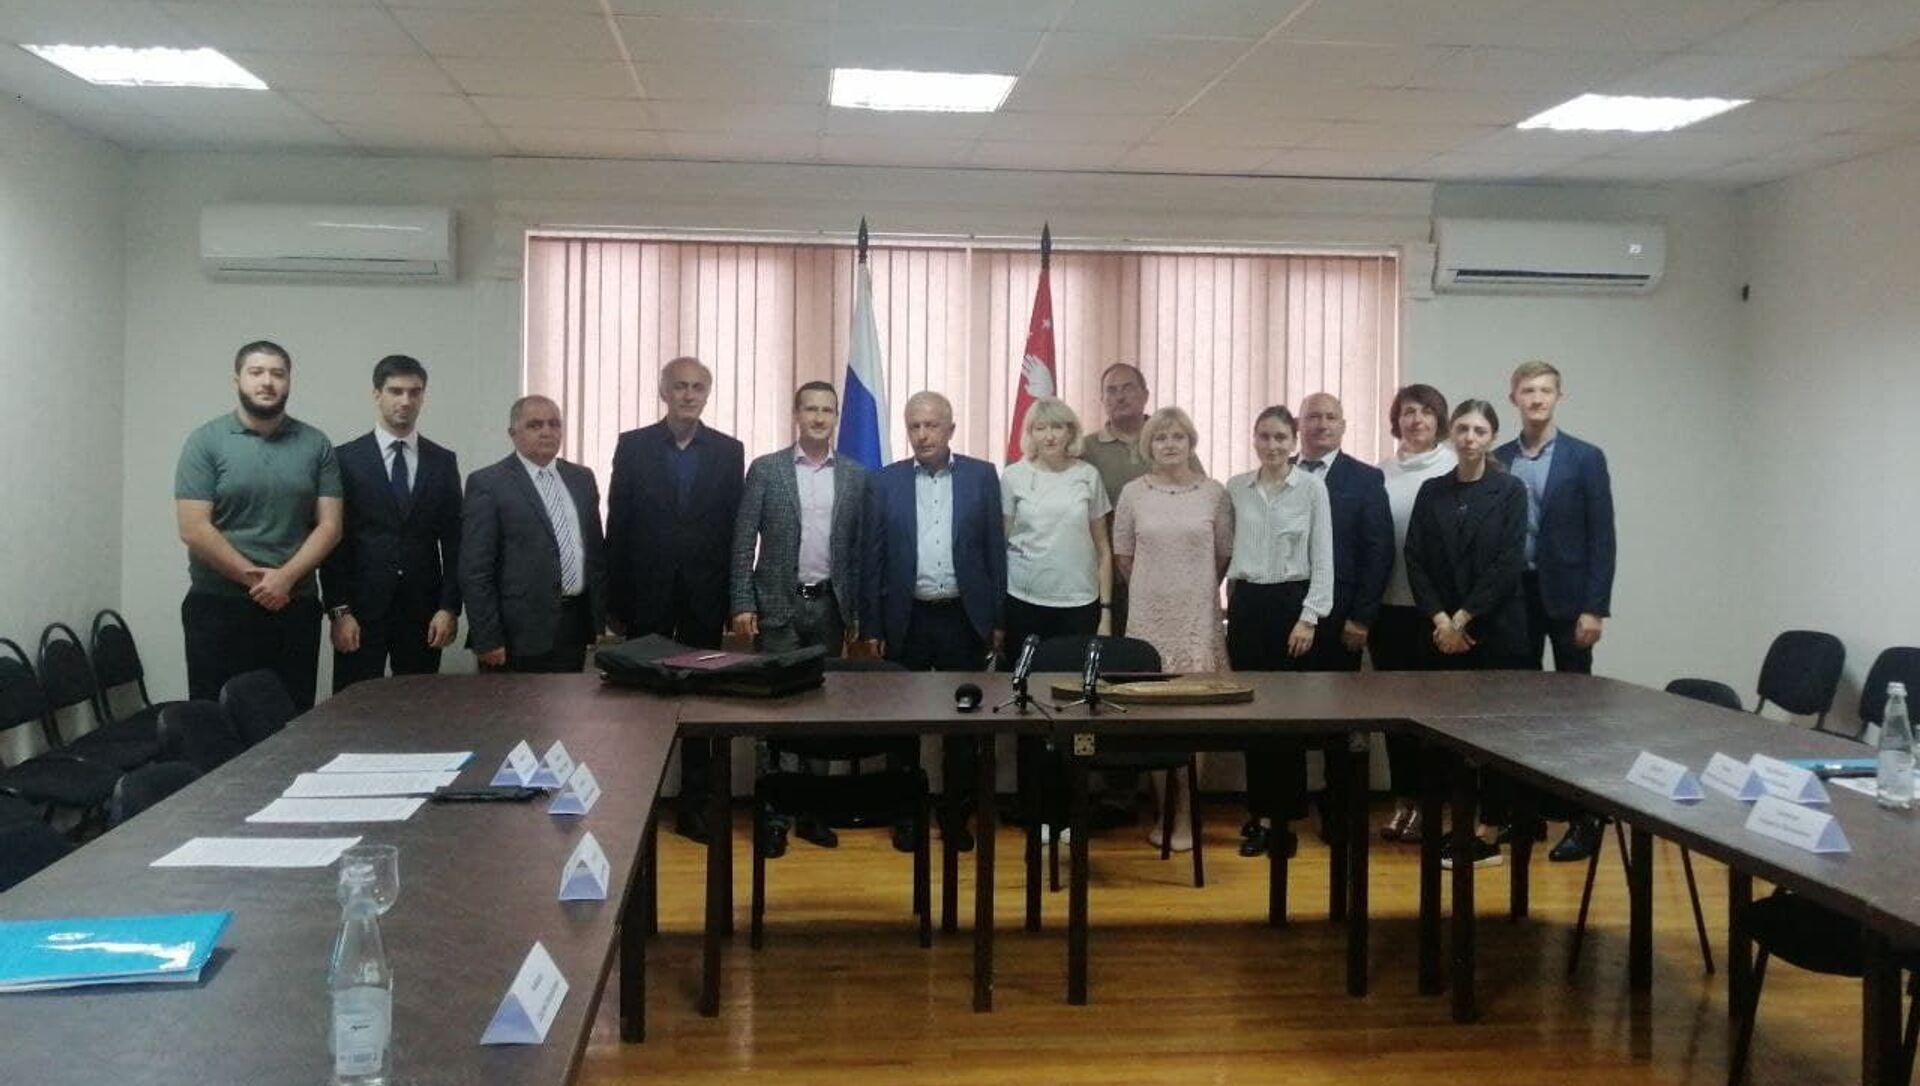 Седьмая сессия Абхазо-Российской комиссии по рыбному хозяйству. - Sputnik Абхазия, 1920, 17.09.2021